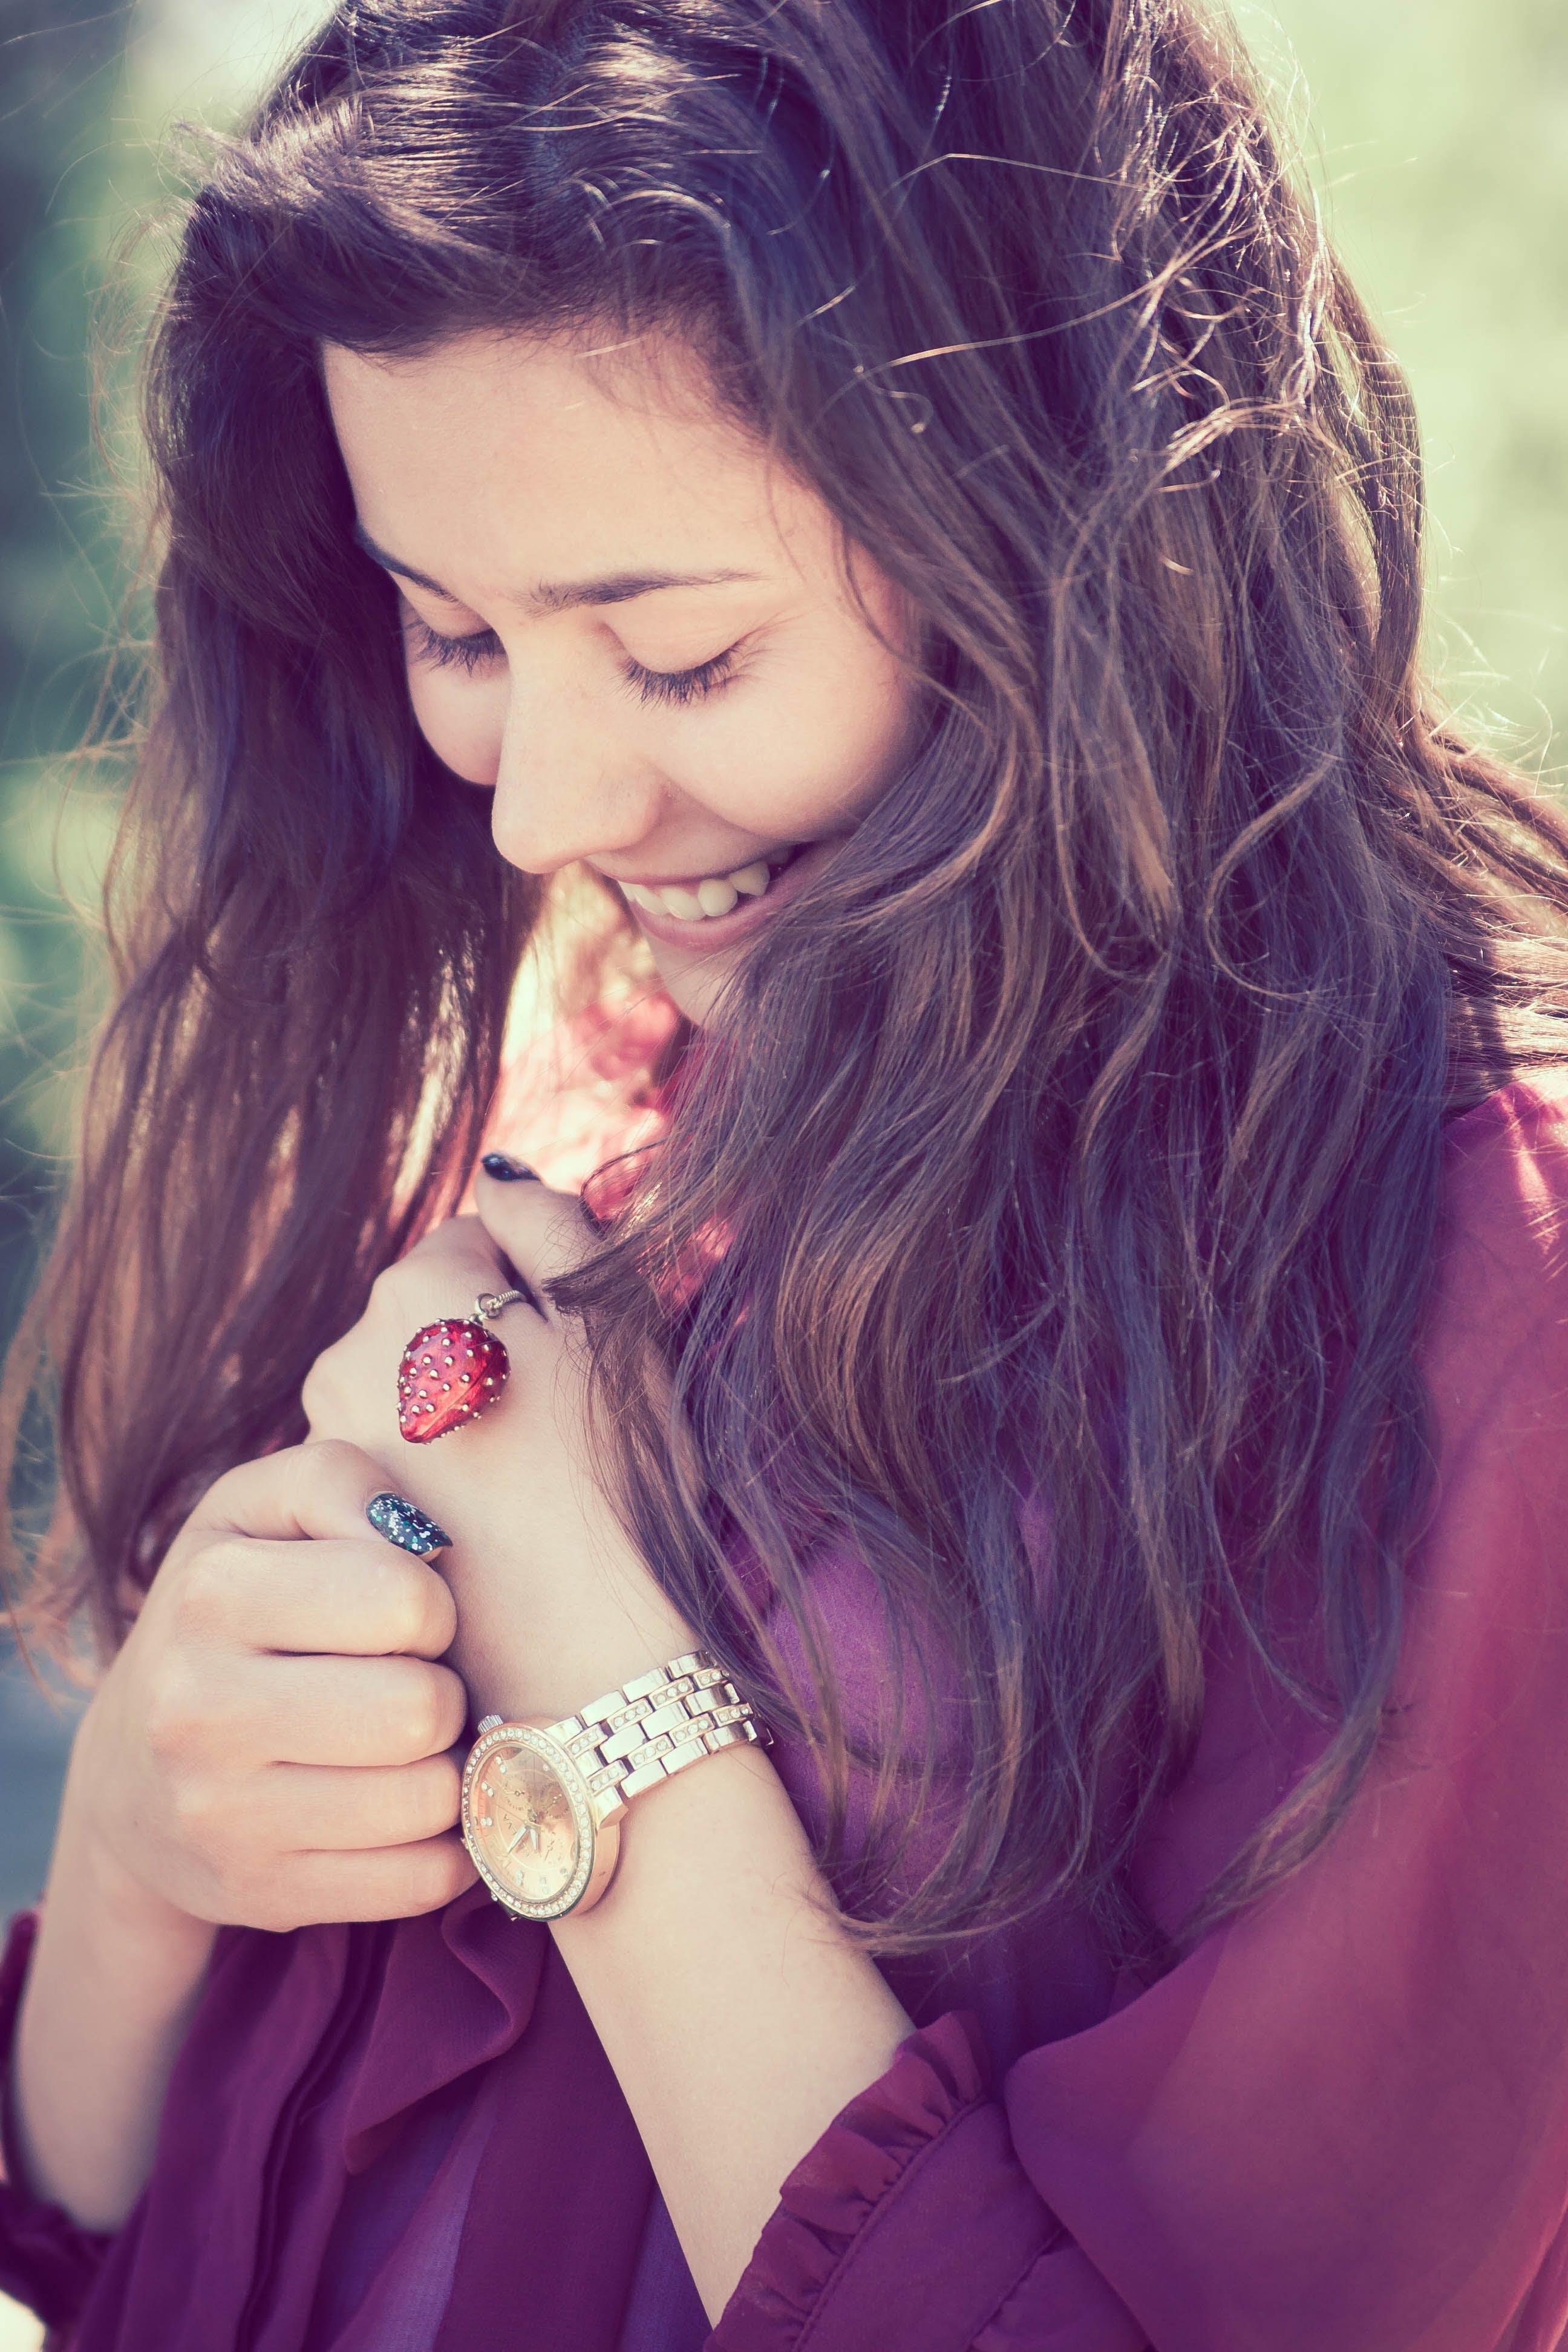 attractive, beautiful, brunette